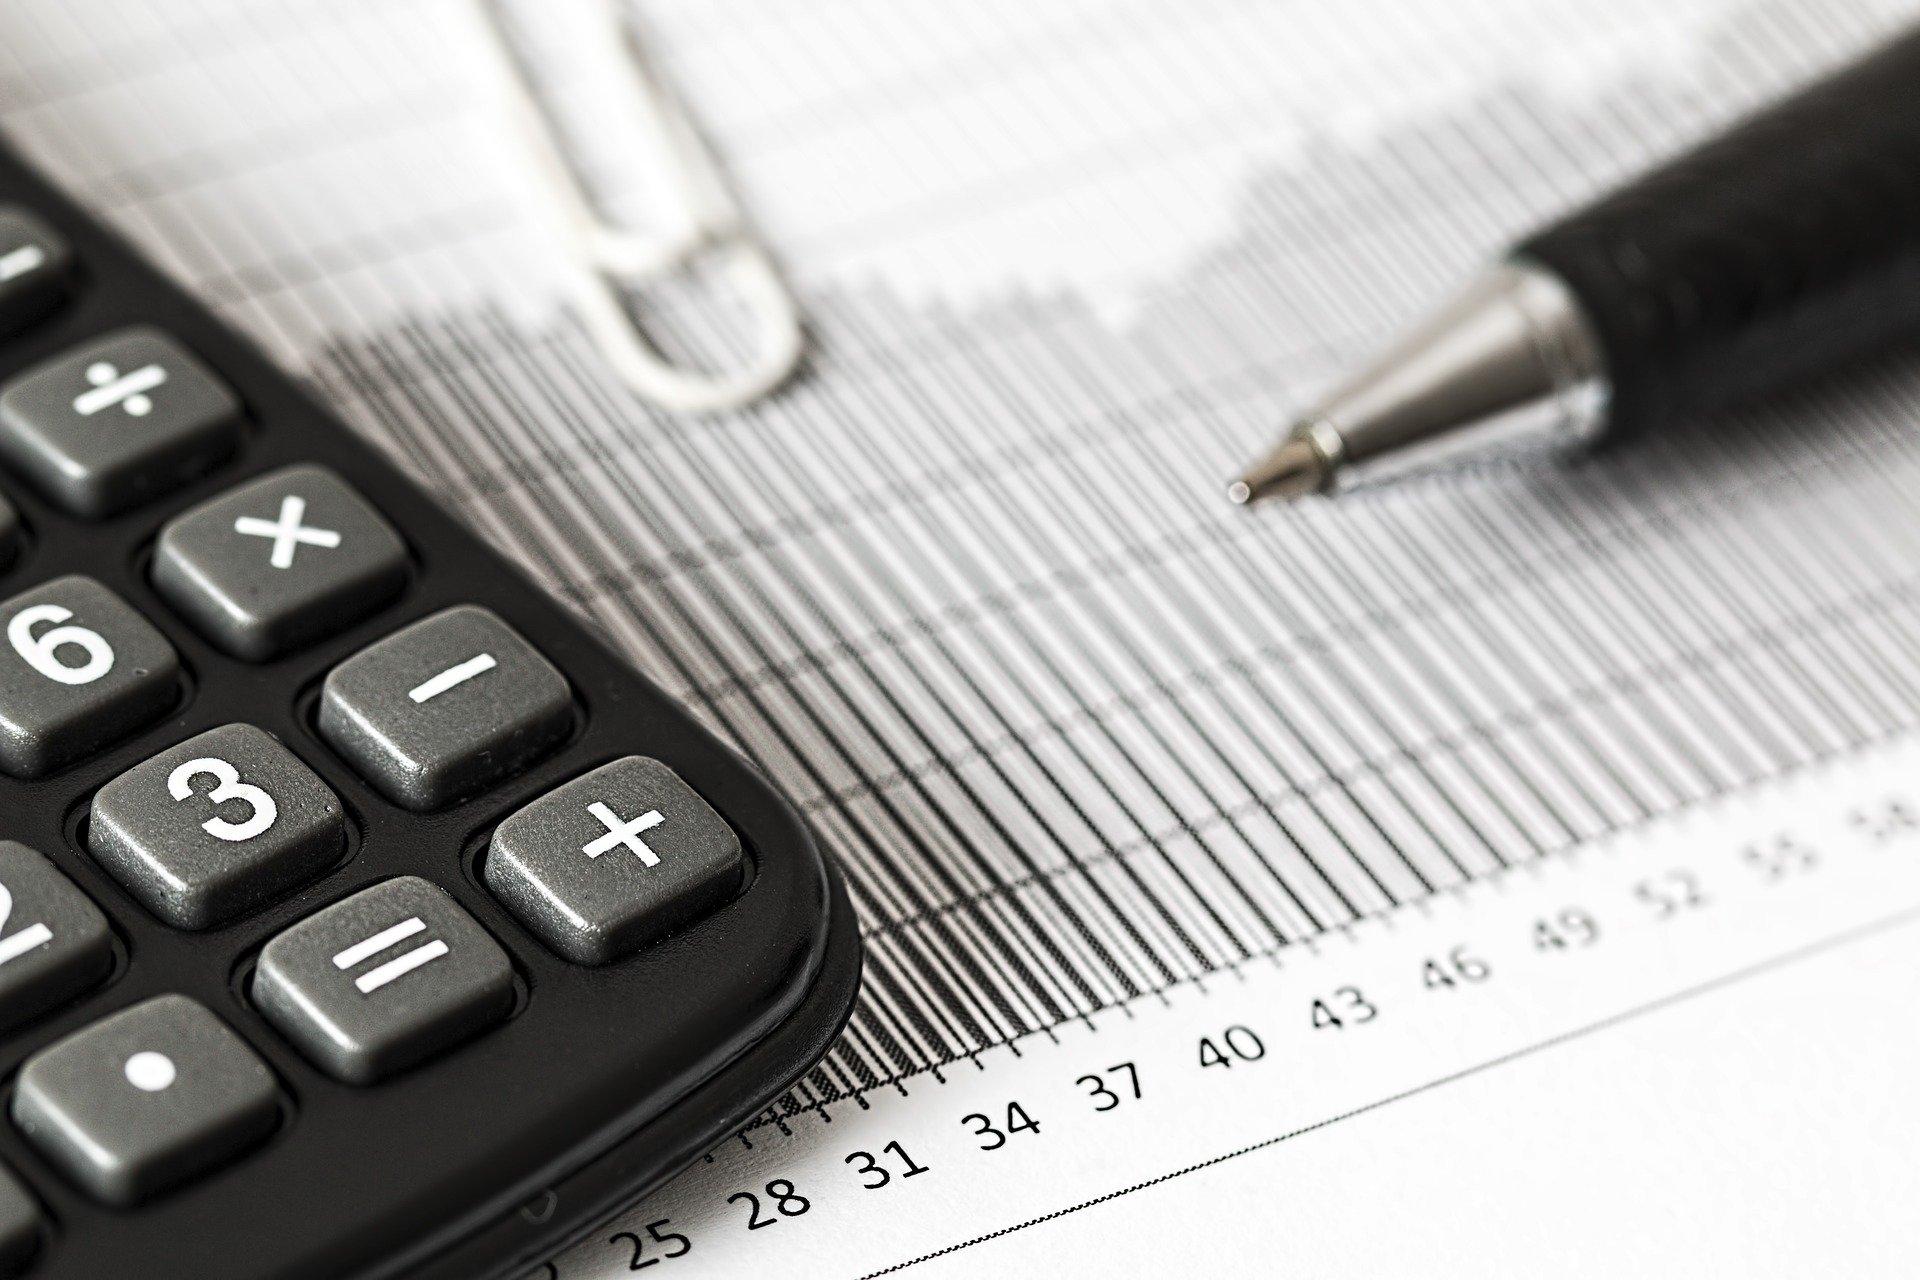 Kata bevallás, avagy a hogyan adózzunk KATA-san és milyen változtatások történtek az adott adózási formában?